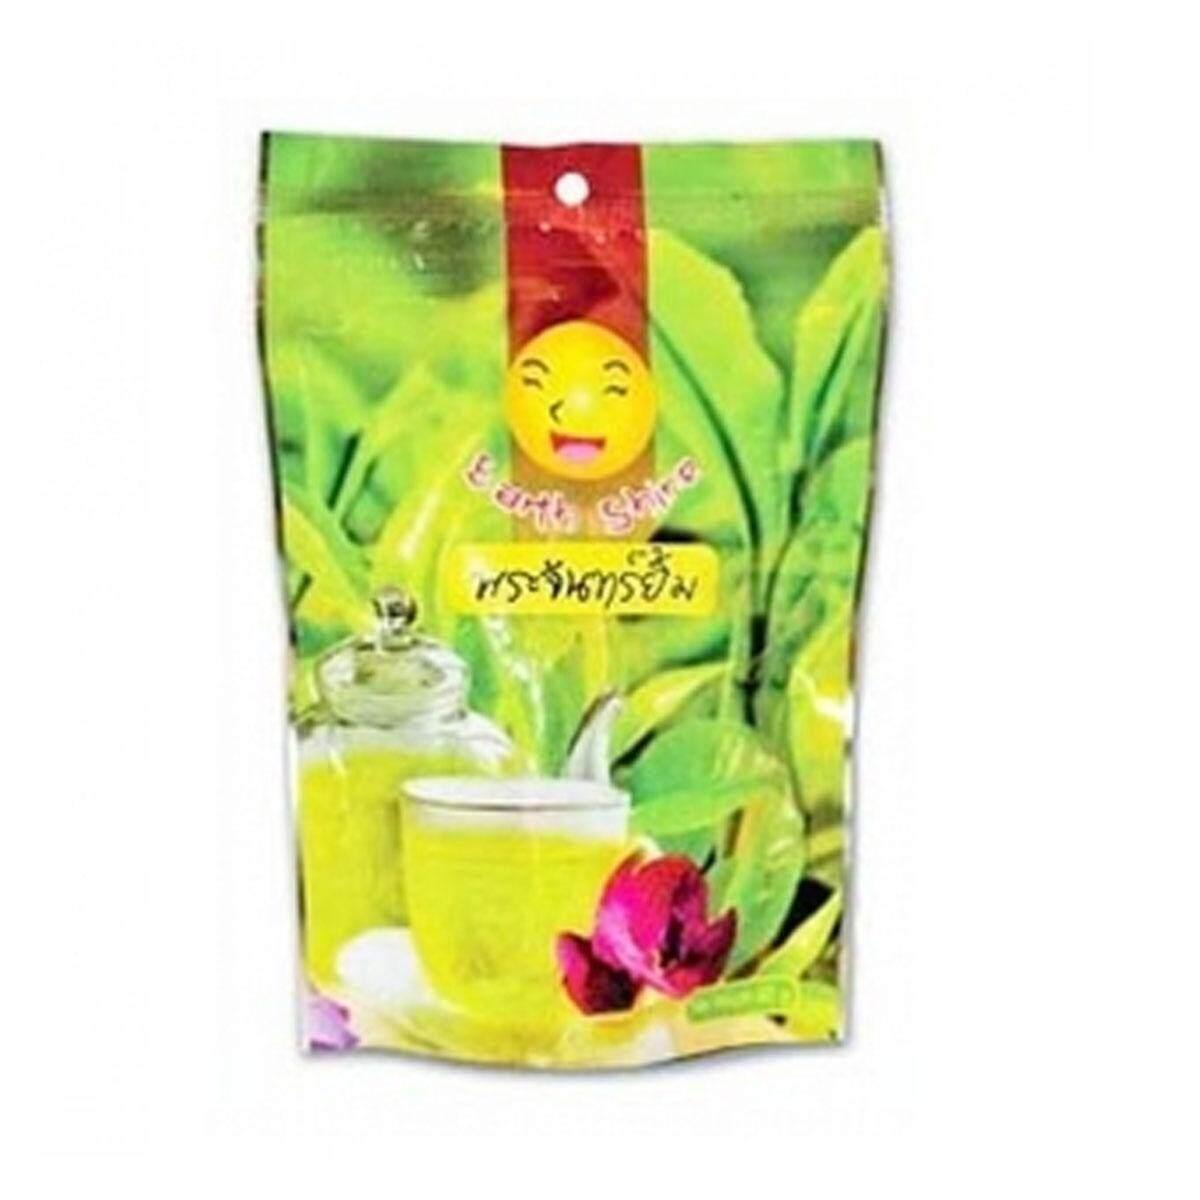 ชาสมุนไพร พระจันทร์ยิ้ม ใบชาเขียวอัสสัม  30 ซอง (1 ห่อ ).